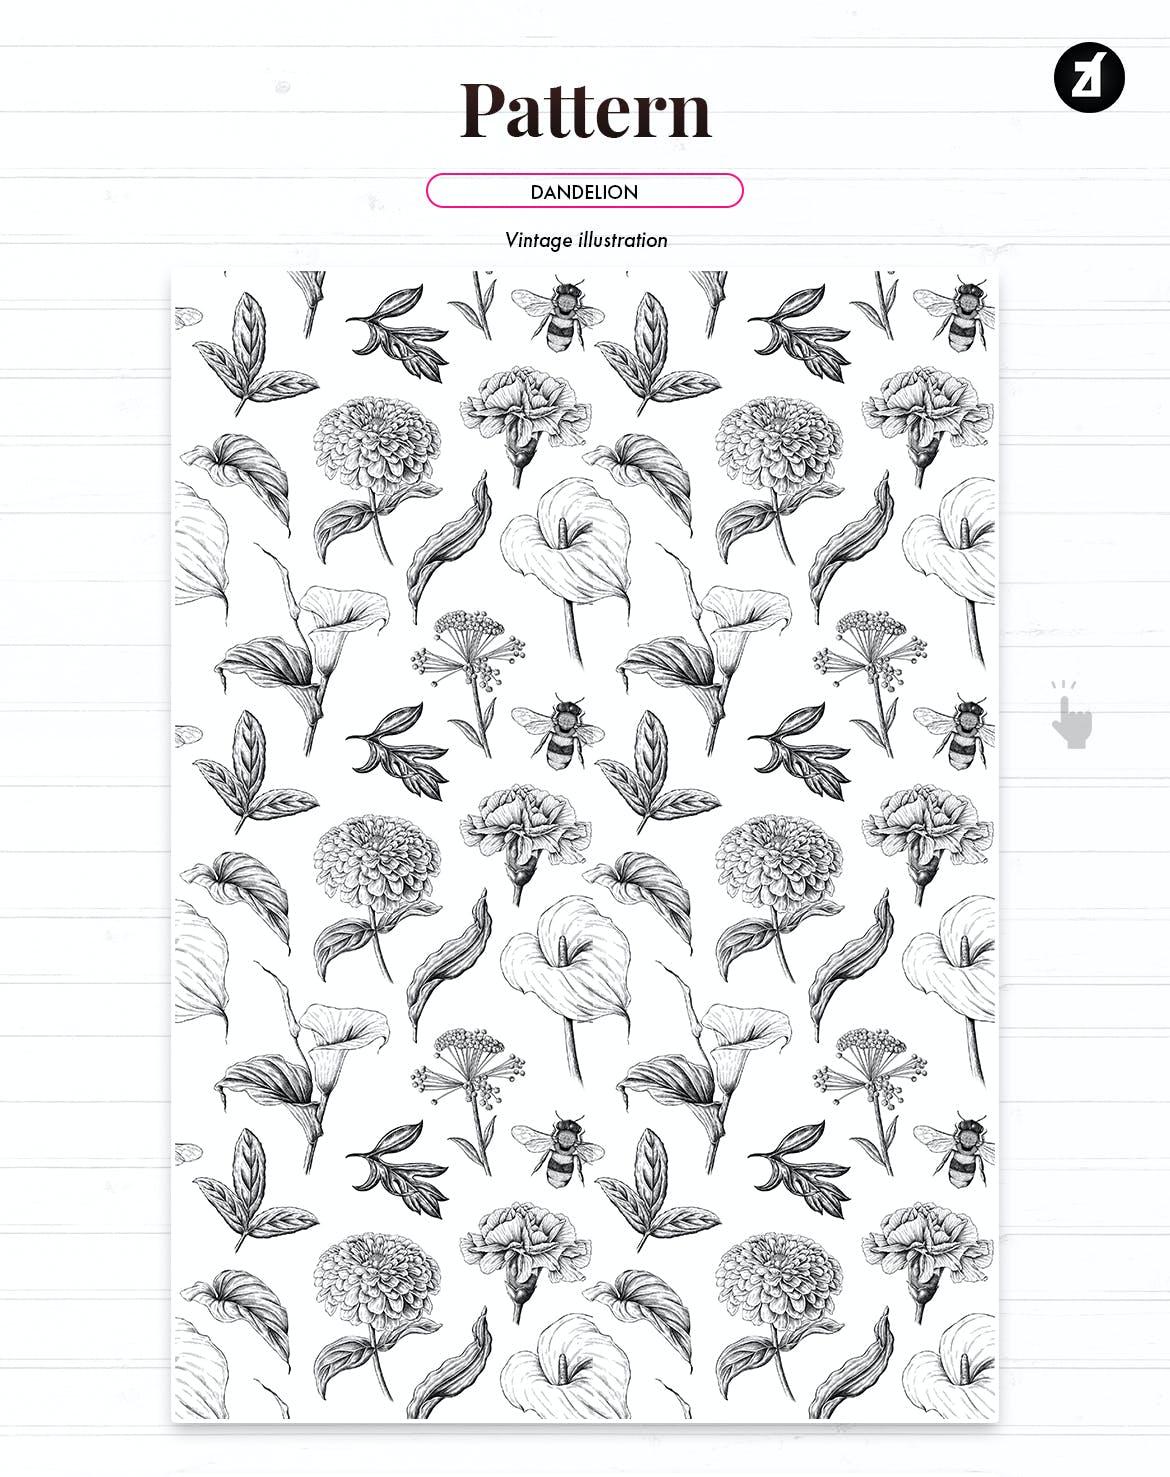 复古蒲公英手绘插画背景图案PS设计素材 Dandelion vintage illustration and pattern插图2